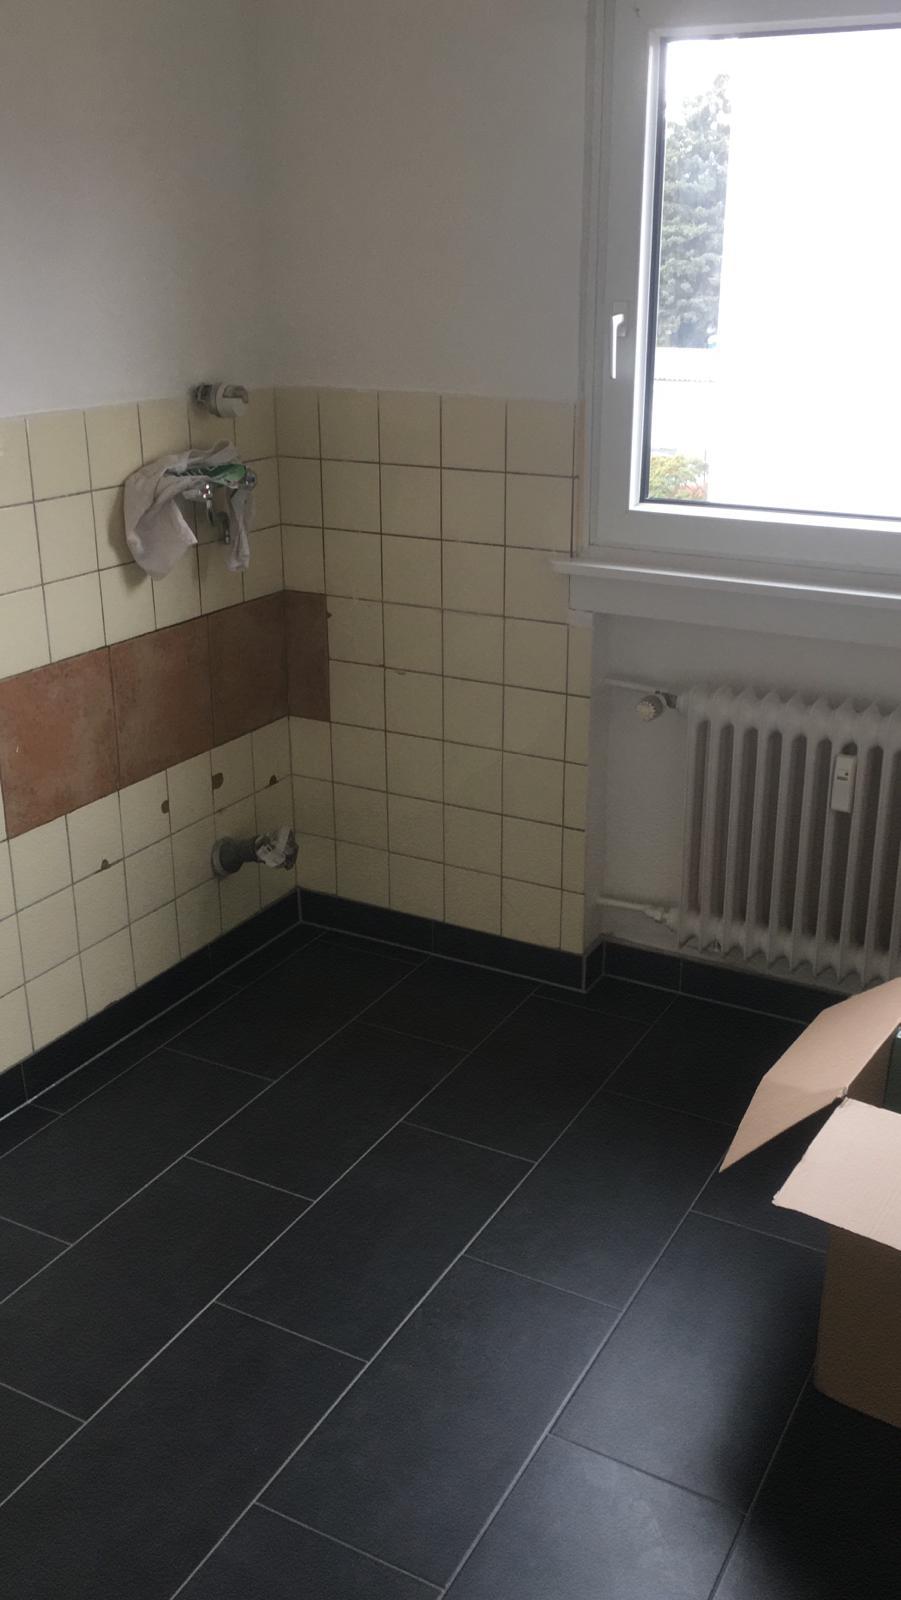 kche_mit_neuen_boden (1).jpg